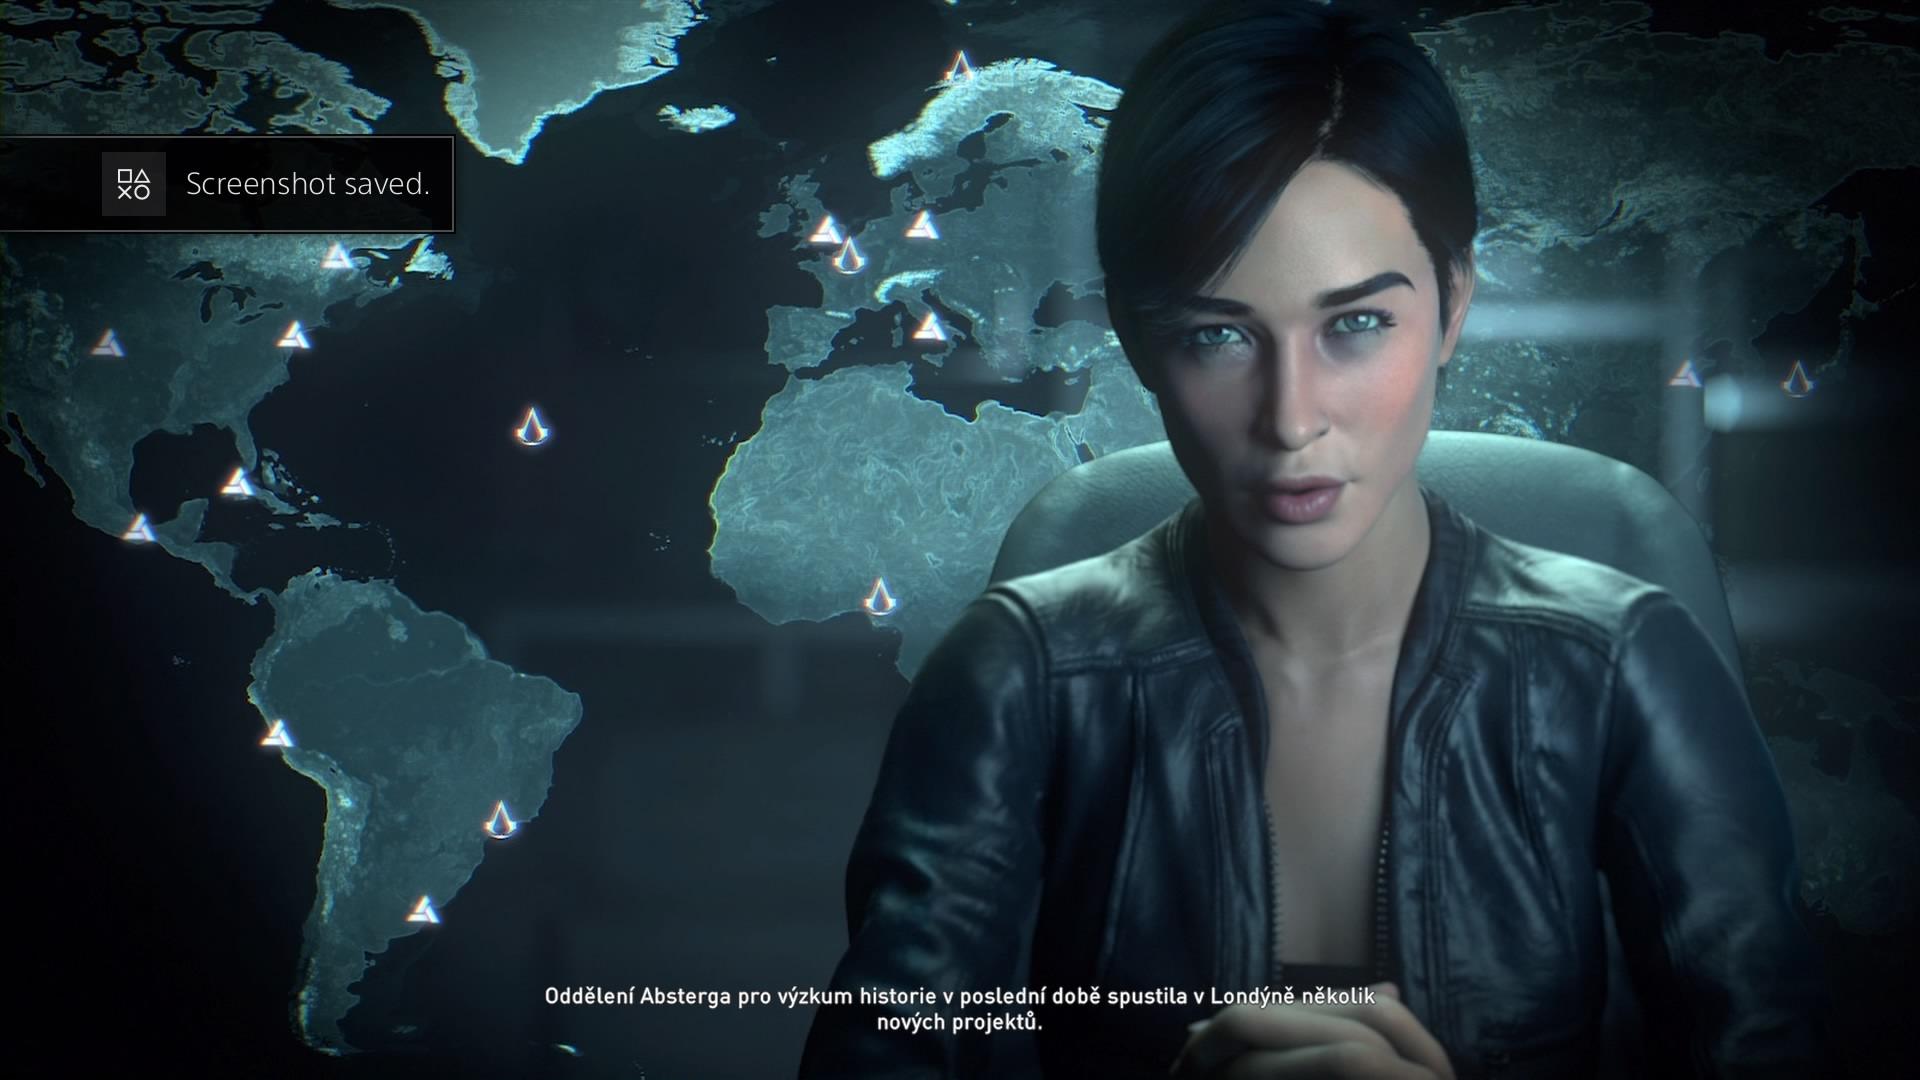 Čeština v Assassin's Creed: Syndicate je kompletní 115330